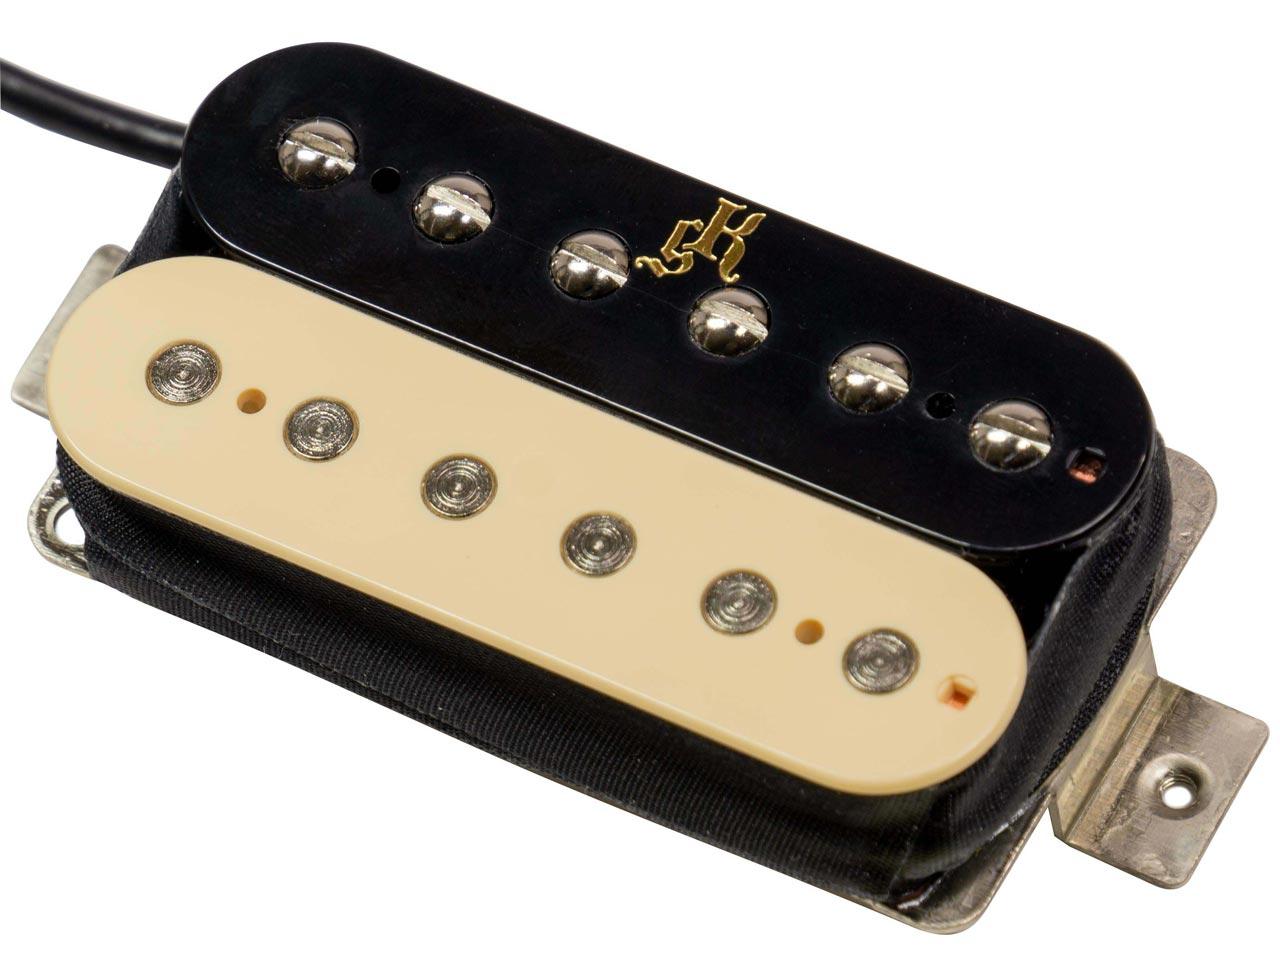 killer guitars lq-500 zebra